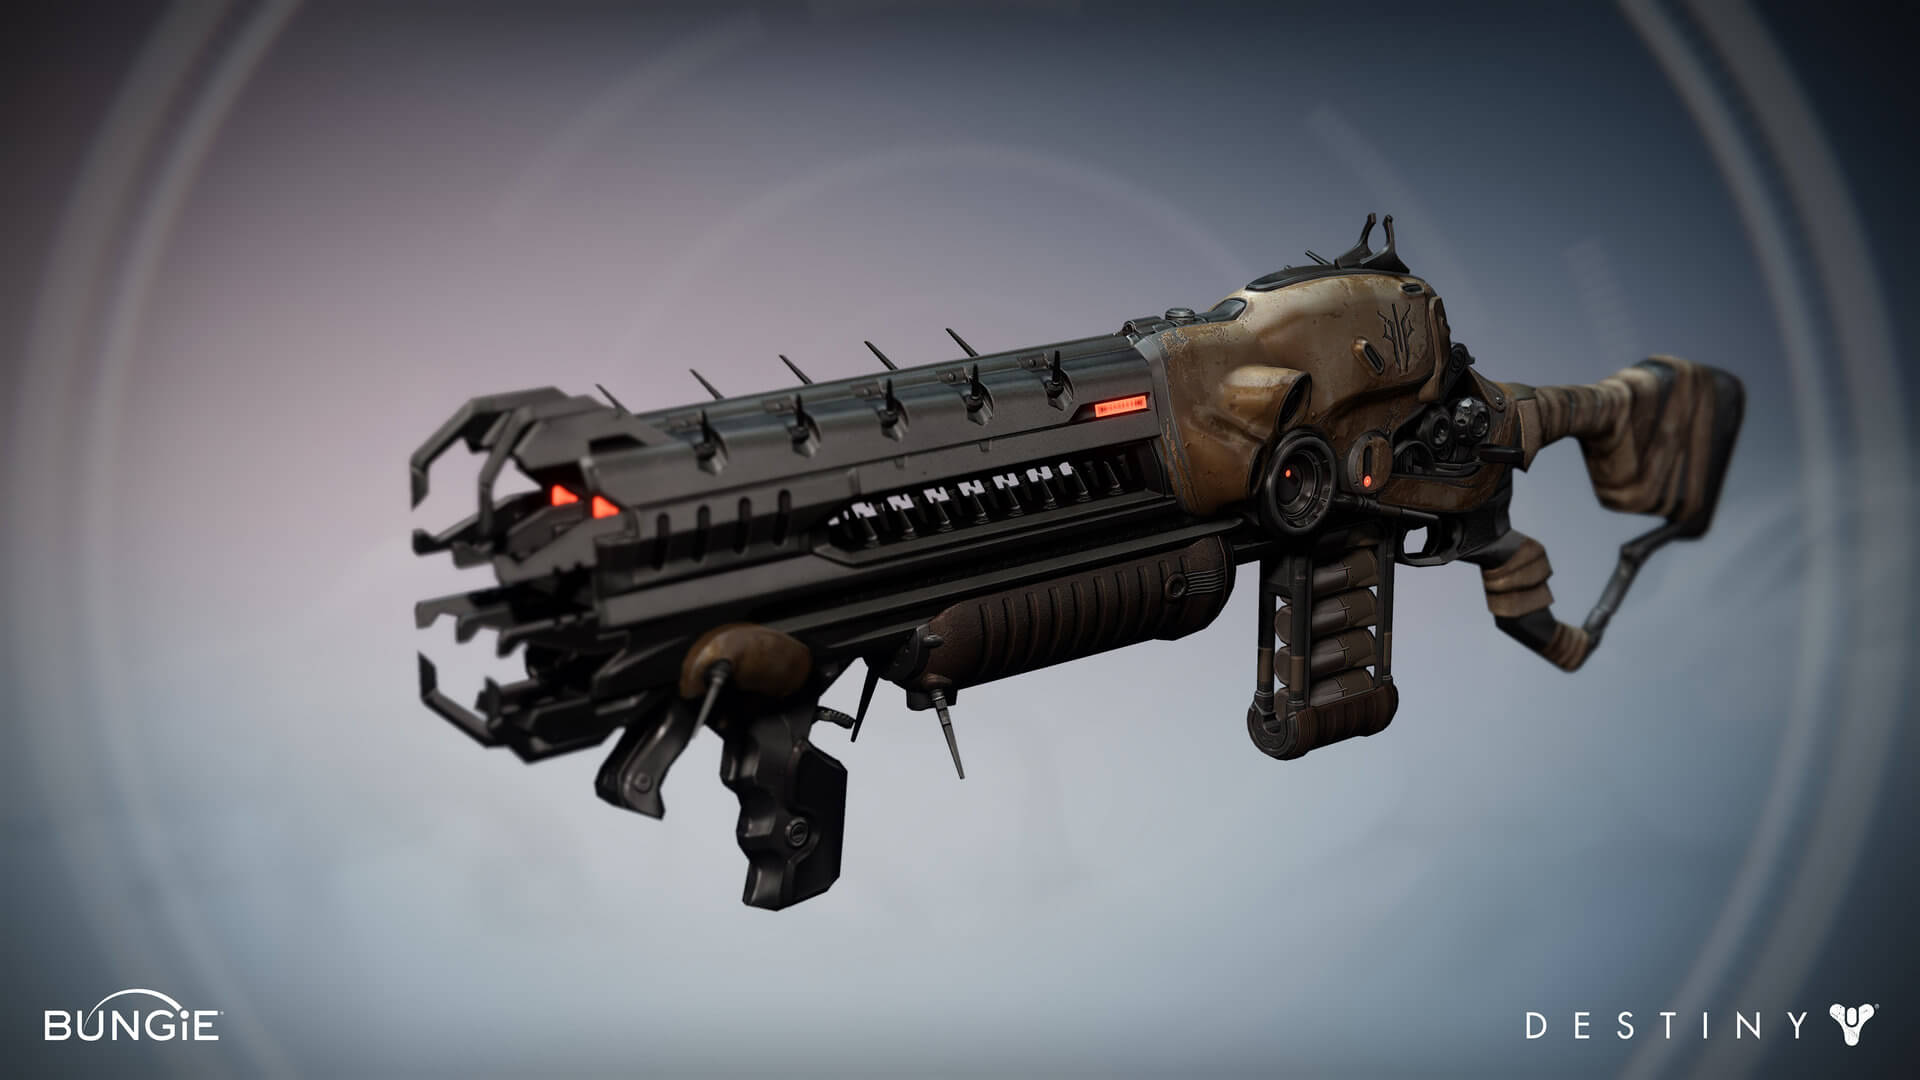 Destiny: Lord der Wölfe in Jahr 2 – Was kann die exotische Schrotflinte?